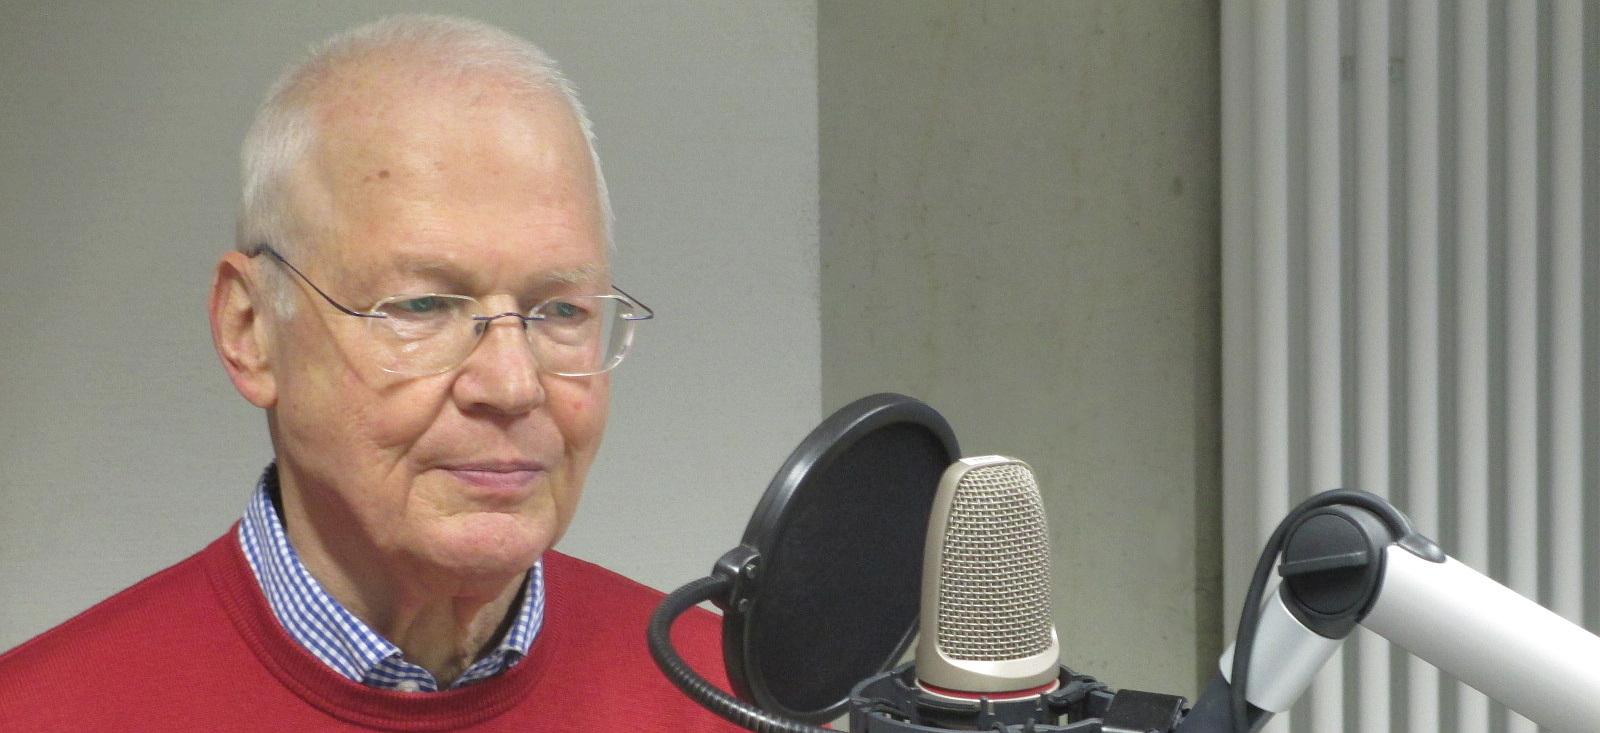 Klaus-Peter Schmidt-Vogt